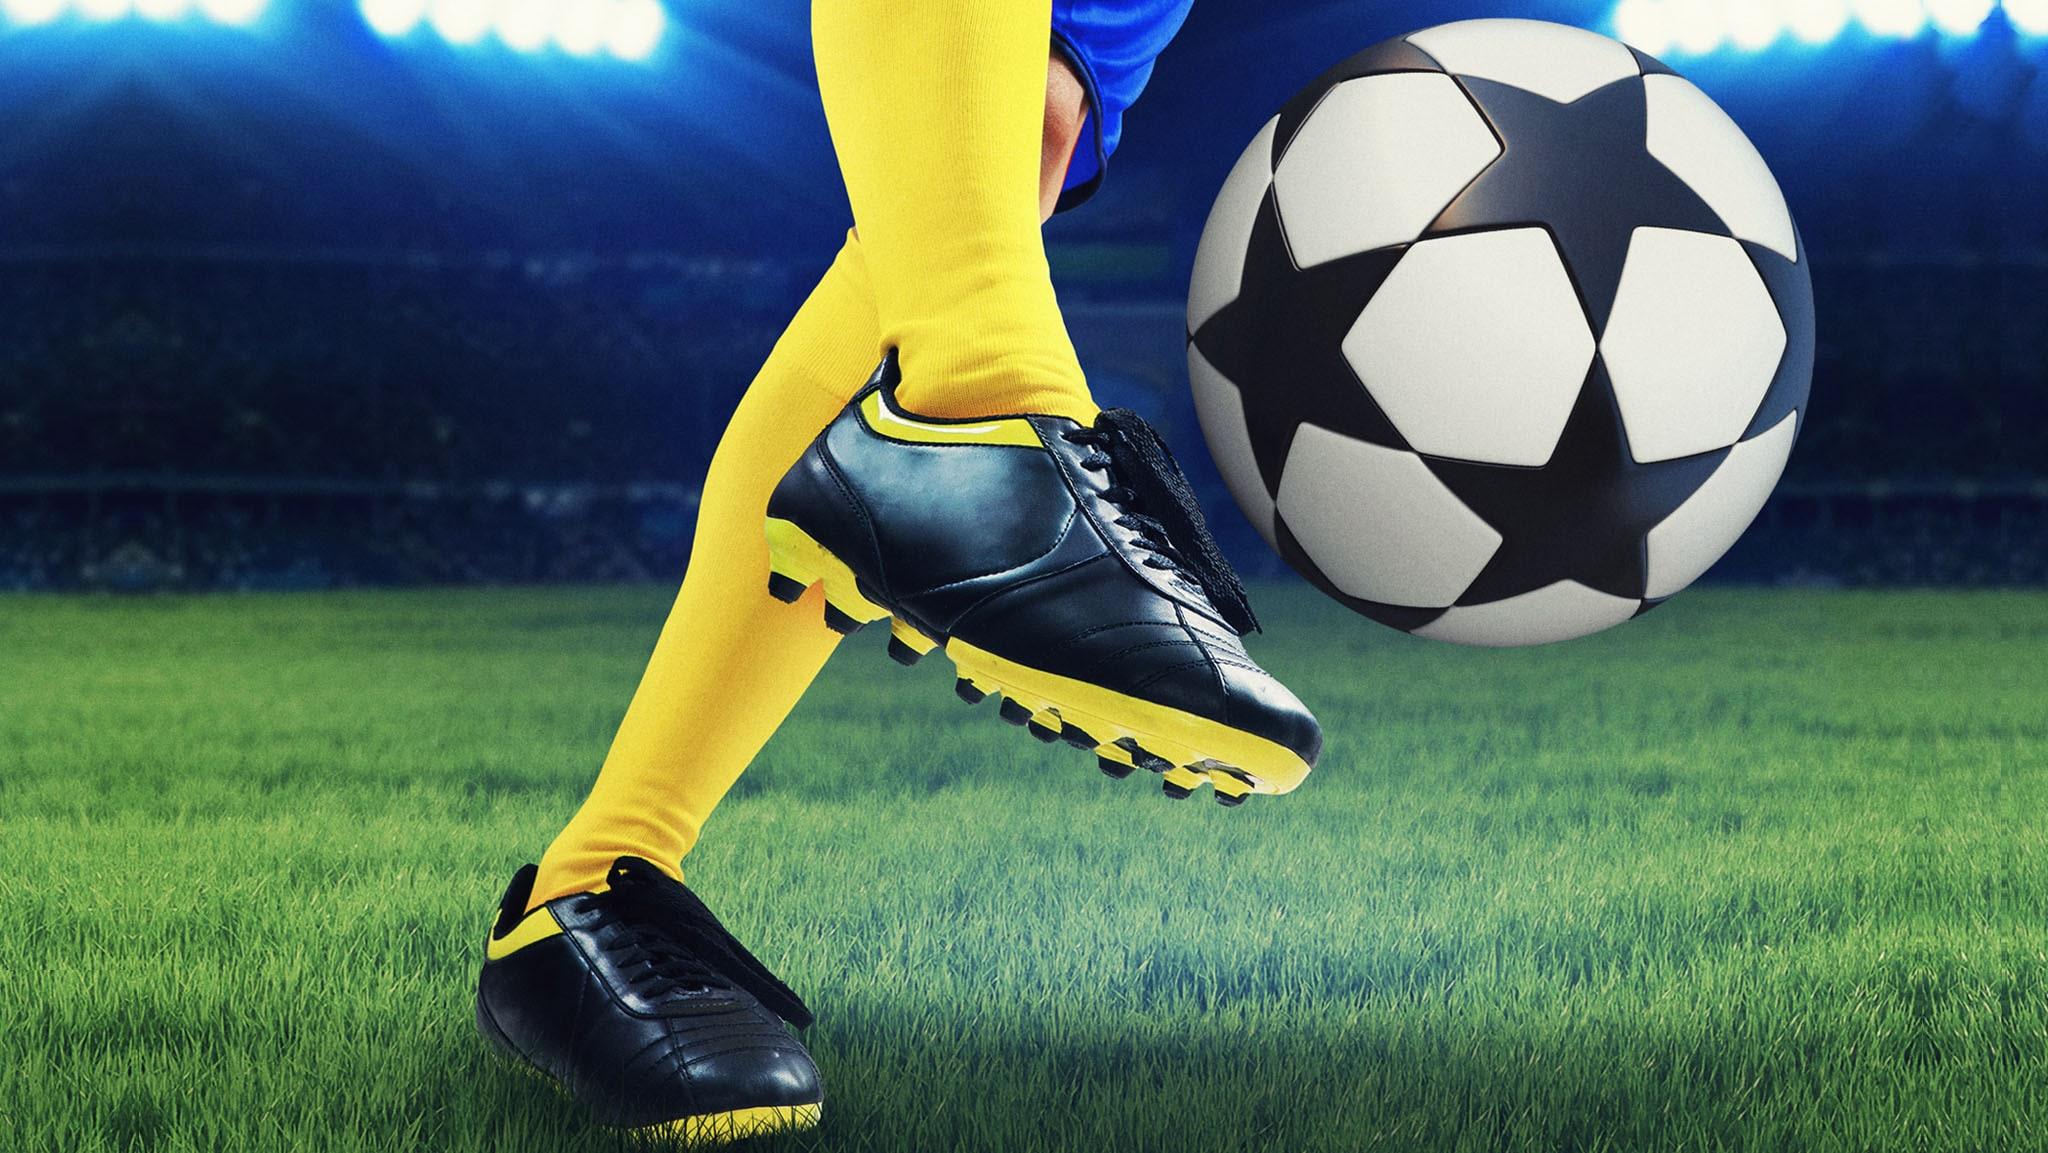 Rai Sport Calcio: Campionato Italiano Serie B 2019/20  24a giornata Pescara - Cittadella